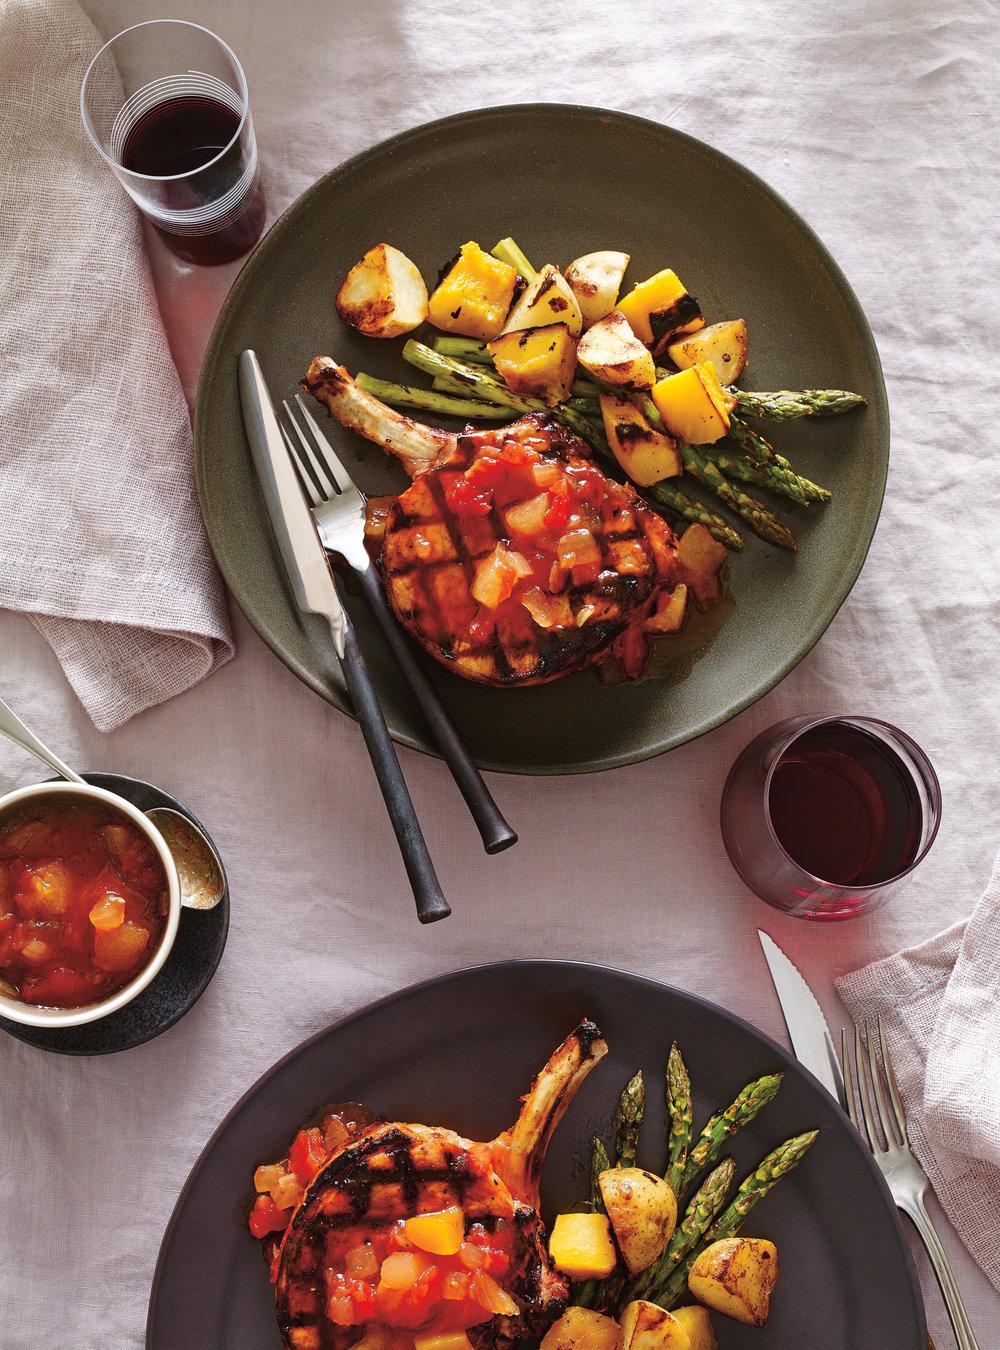 Côtelettes de porc au ketchup aux fruits | ricardo